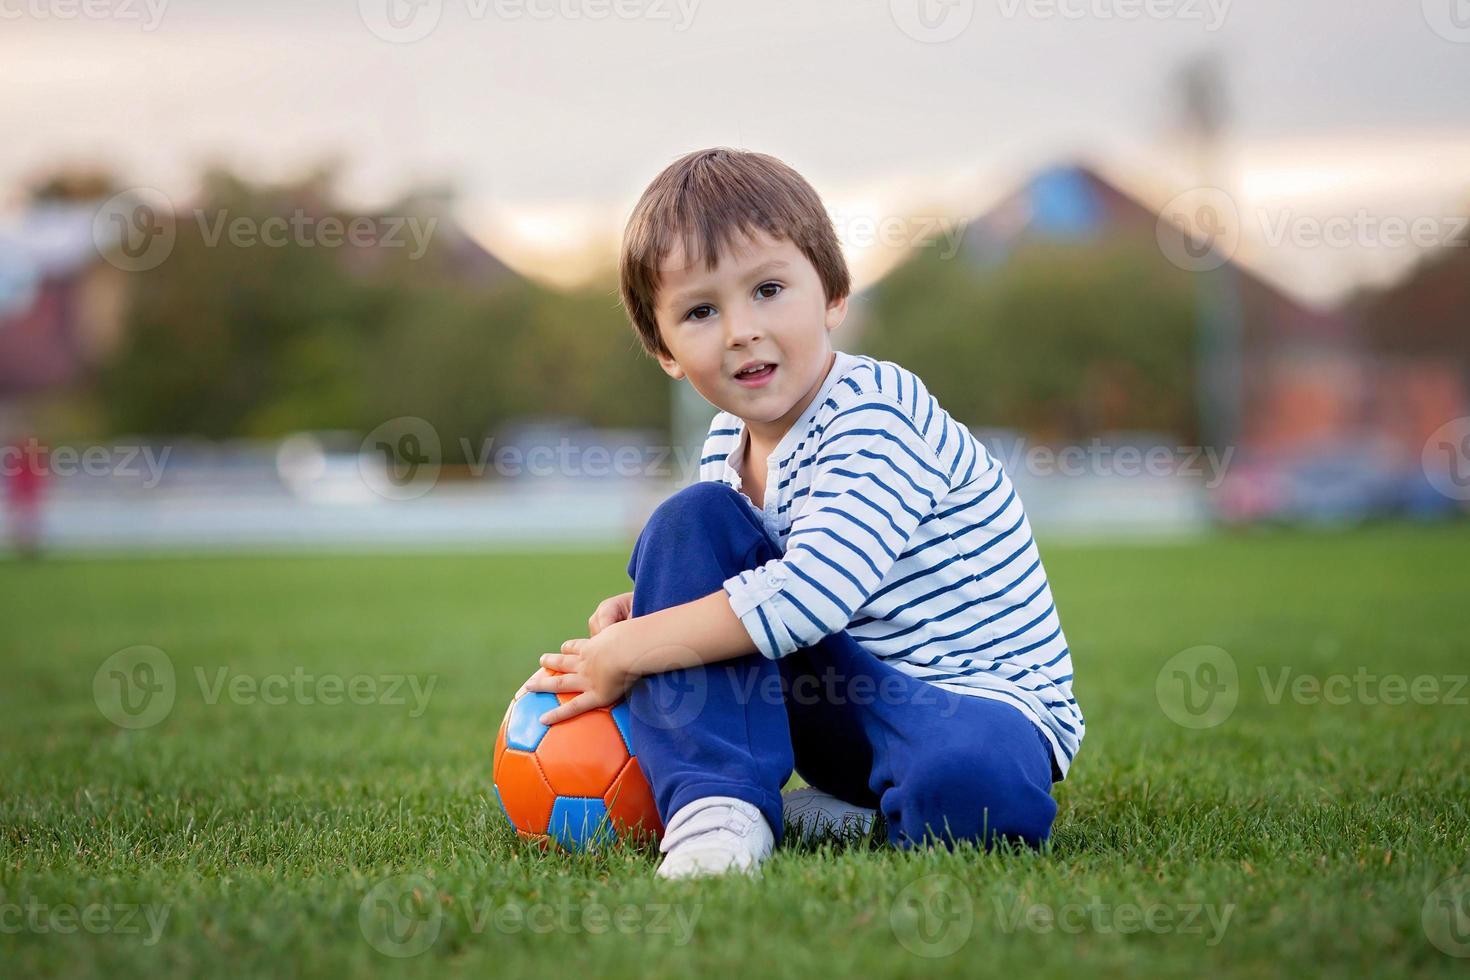 kleiner Kleinkindjunge, der Fußball und Fußball spielt und Spaß übertrifft foto